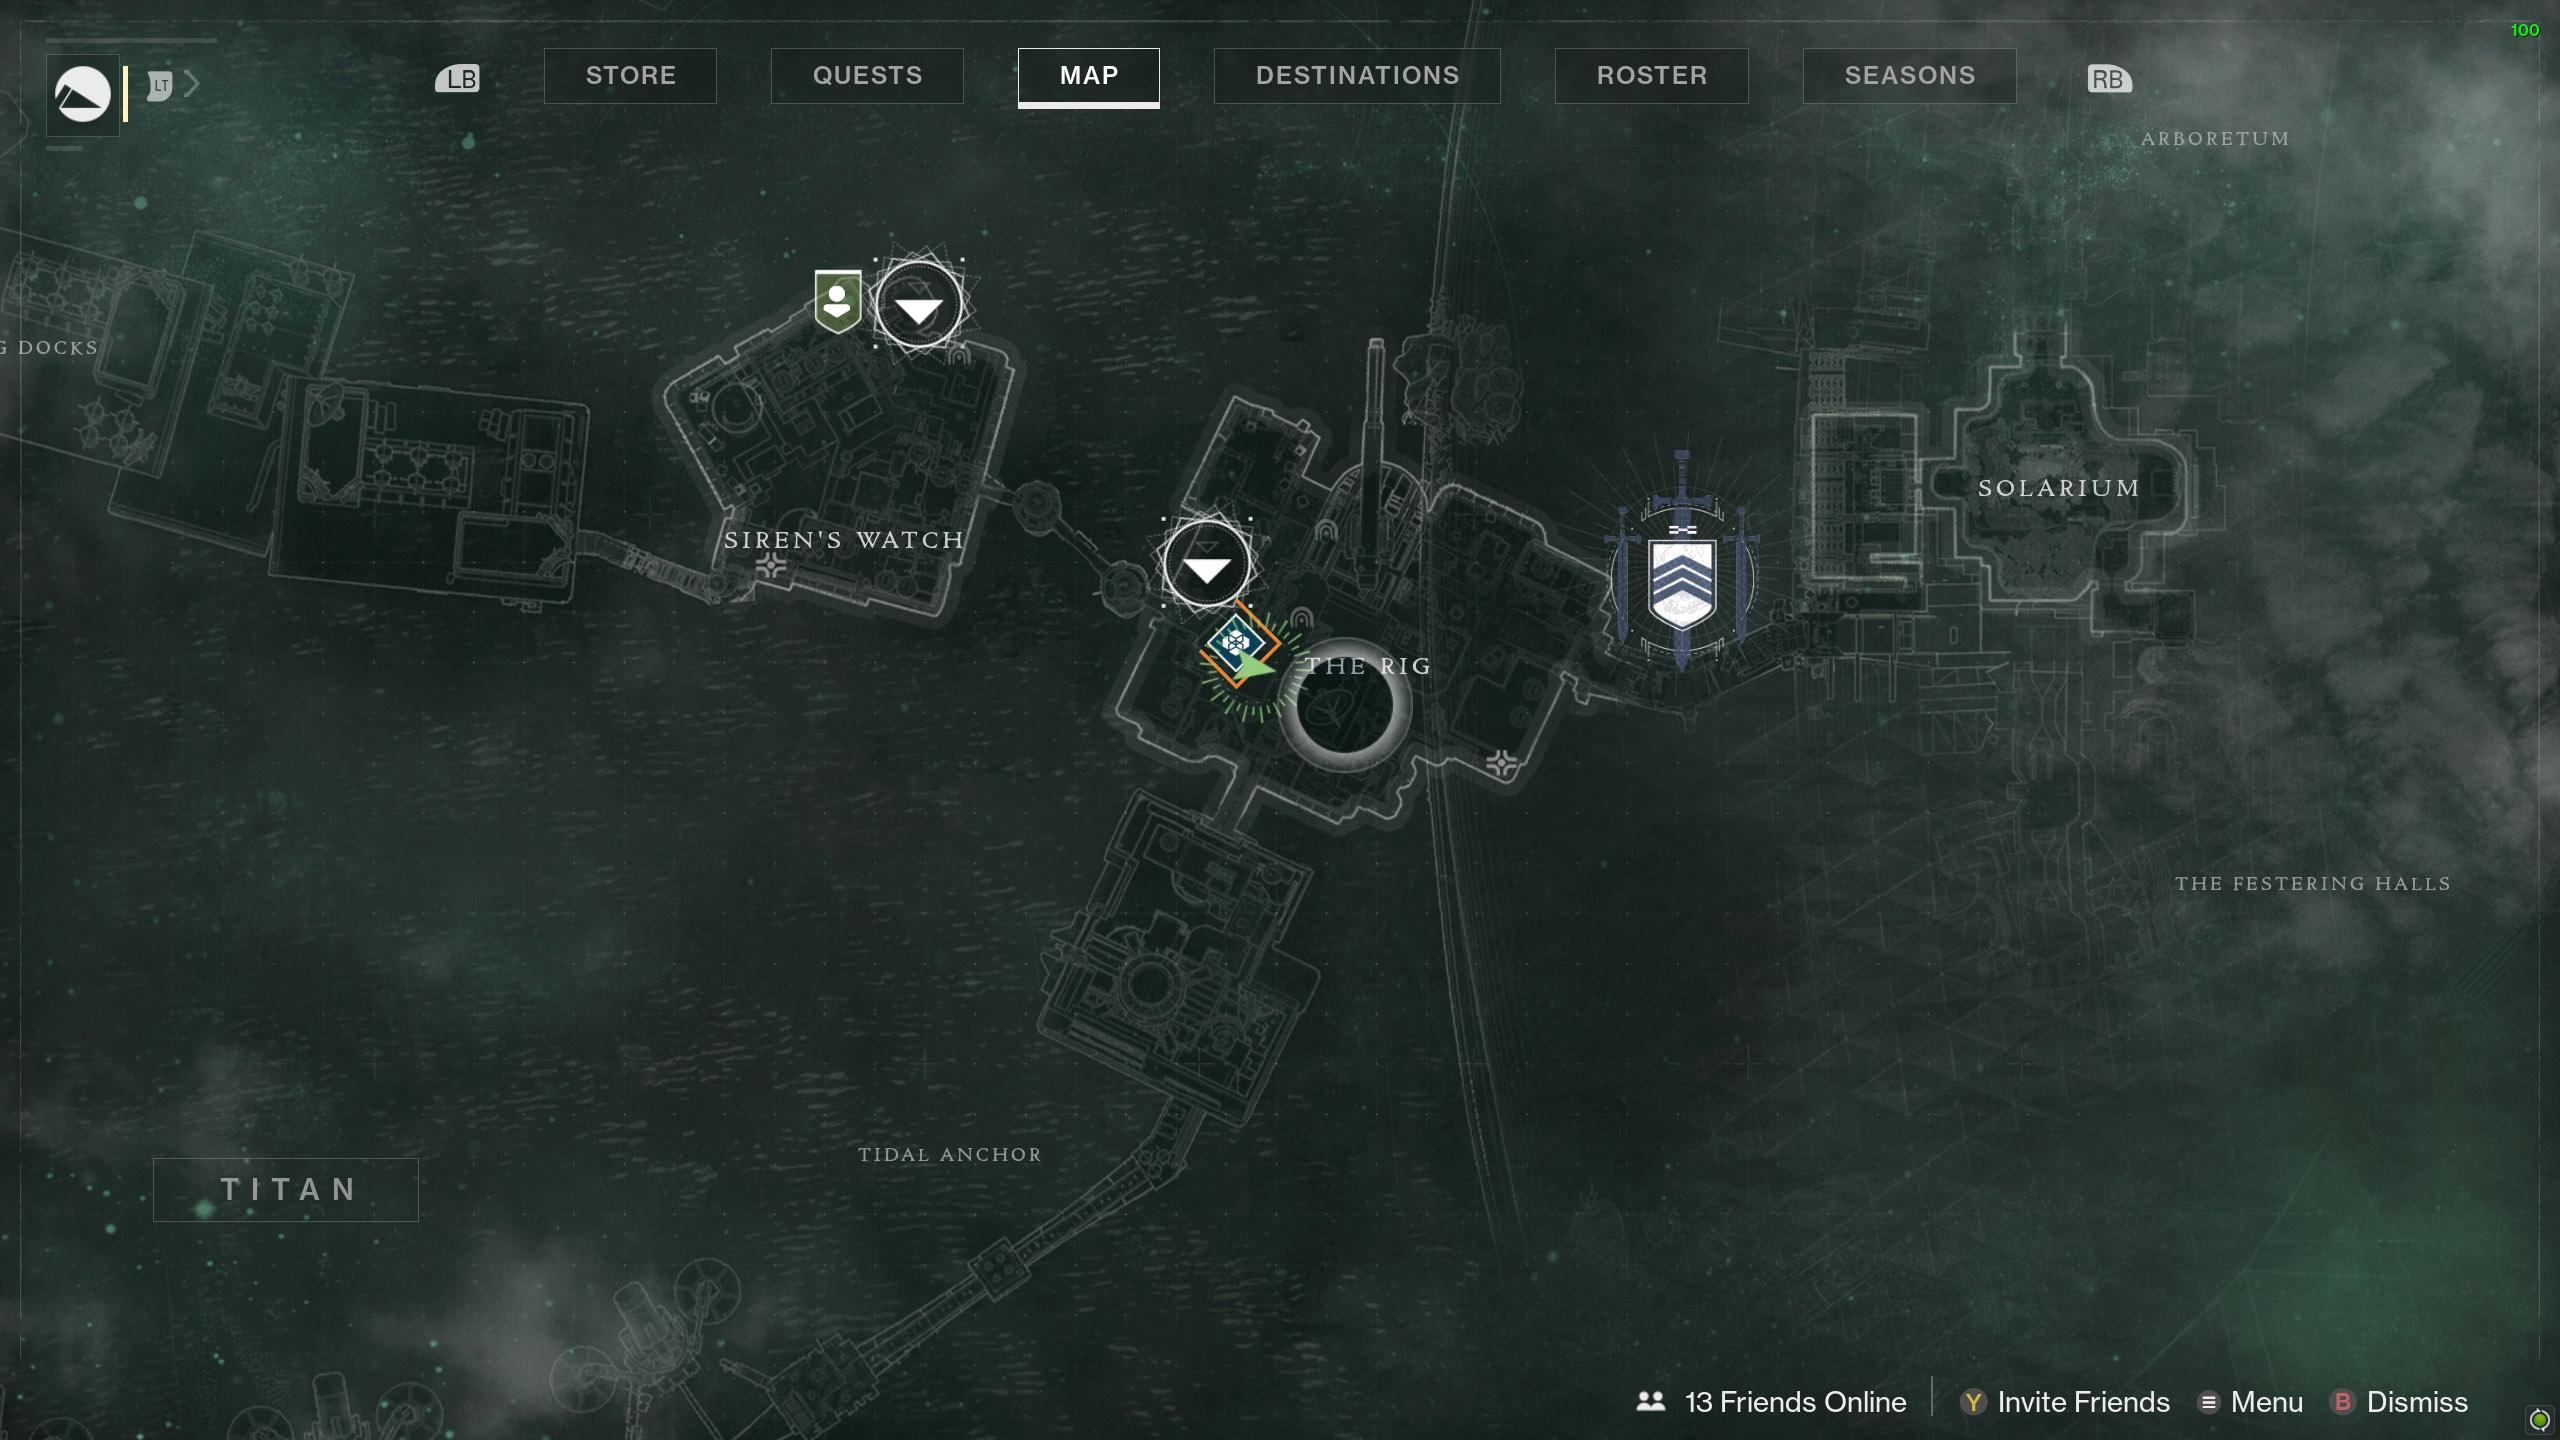 Destiny 2 Savanthuns Eyes Titan The Rig 1 map